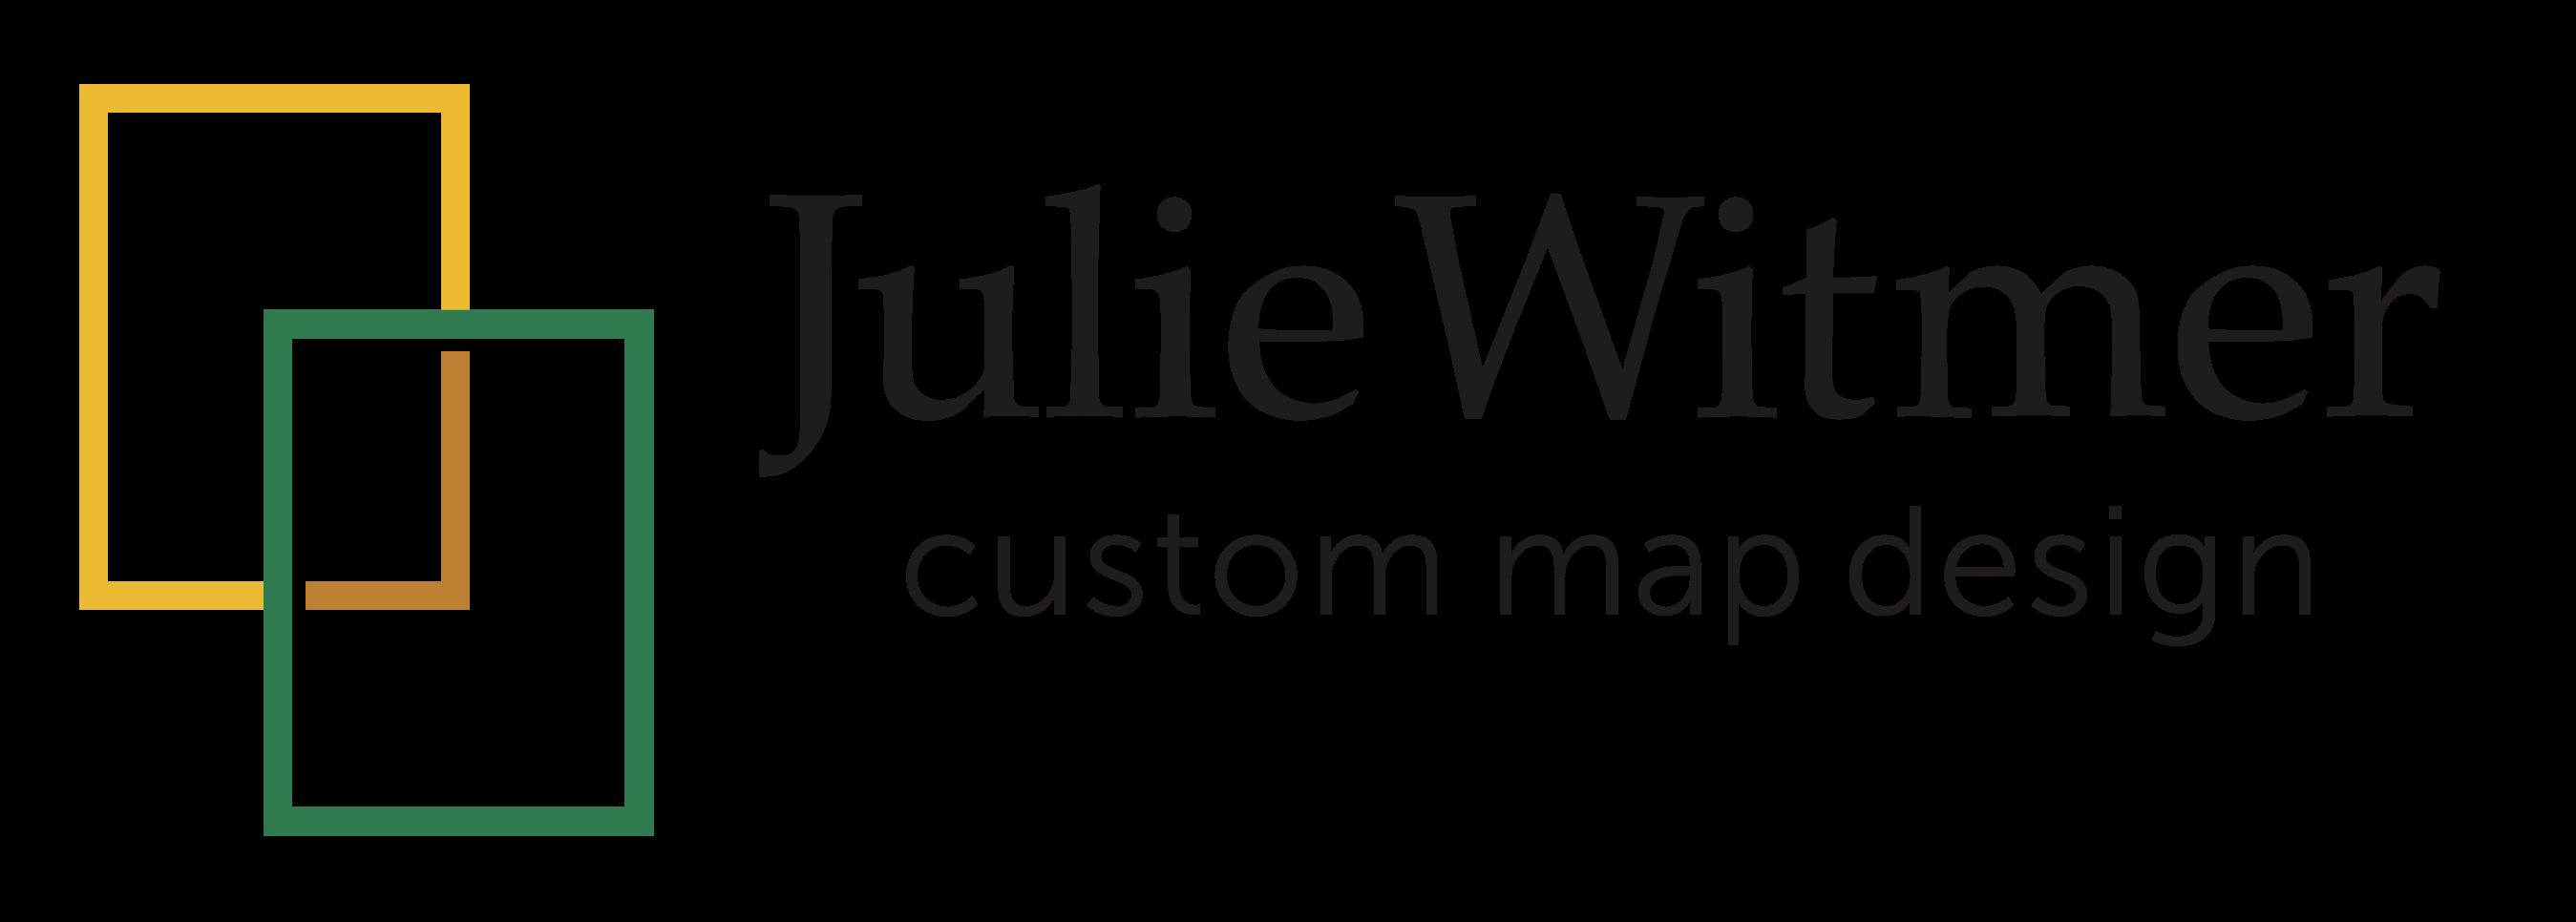 Julie Witmer Custom Map Design logo